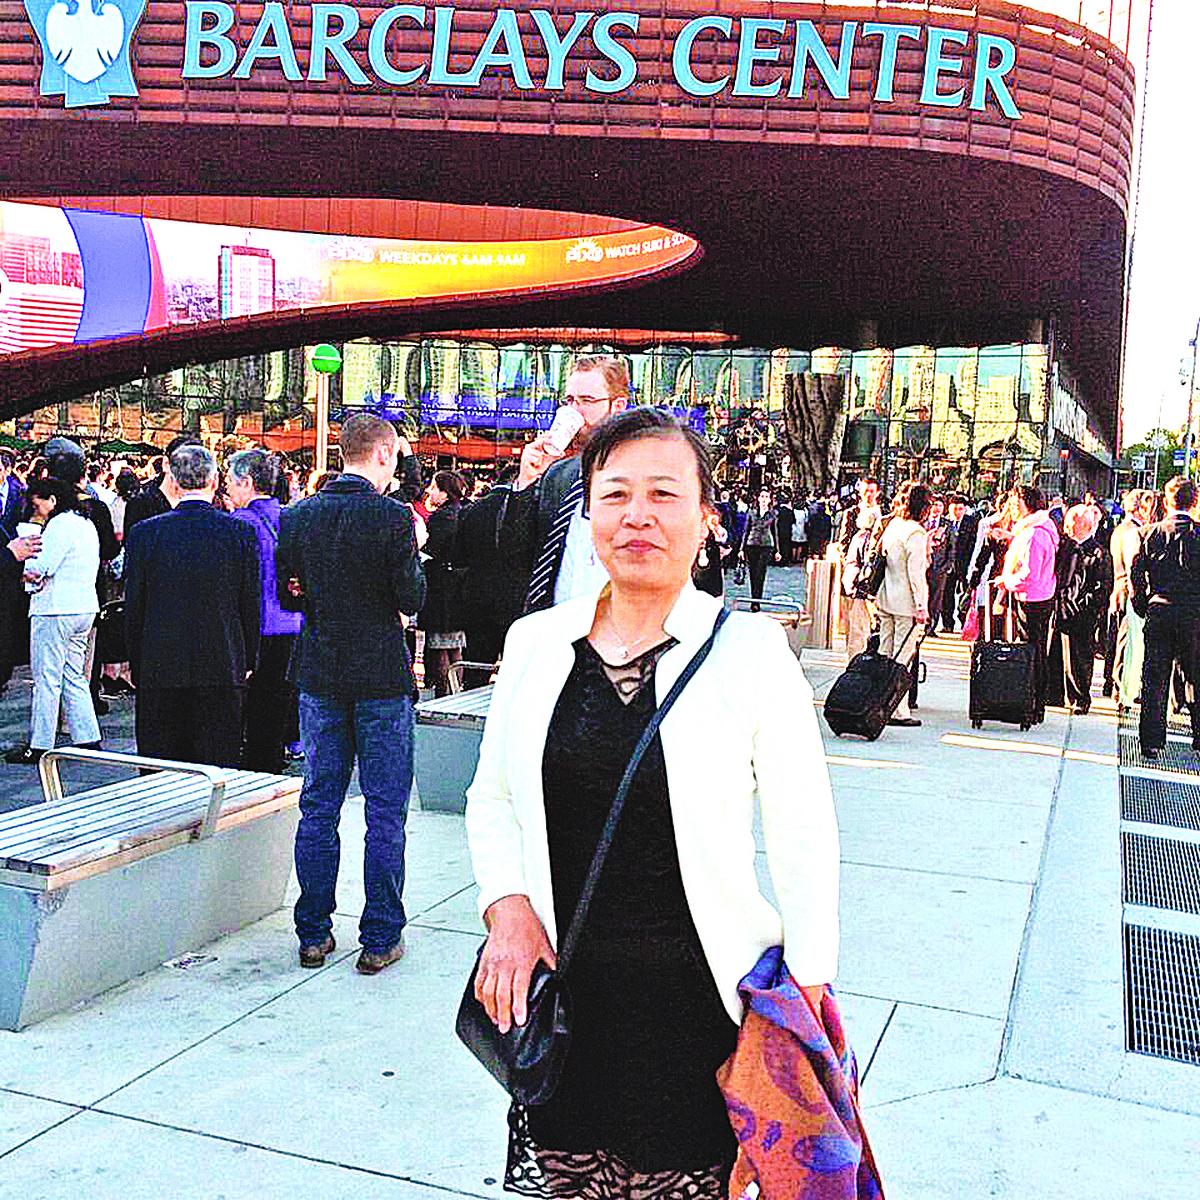 畢女士從英國飛到美國紐約參加法輪大法國際心得交流會,在會場外留影紀念。(畢女士提供)